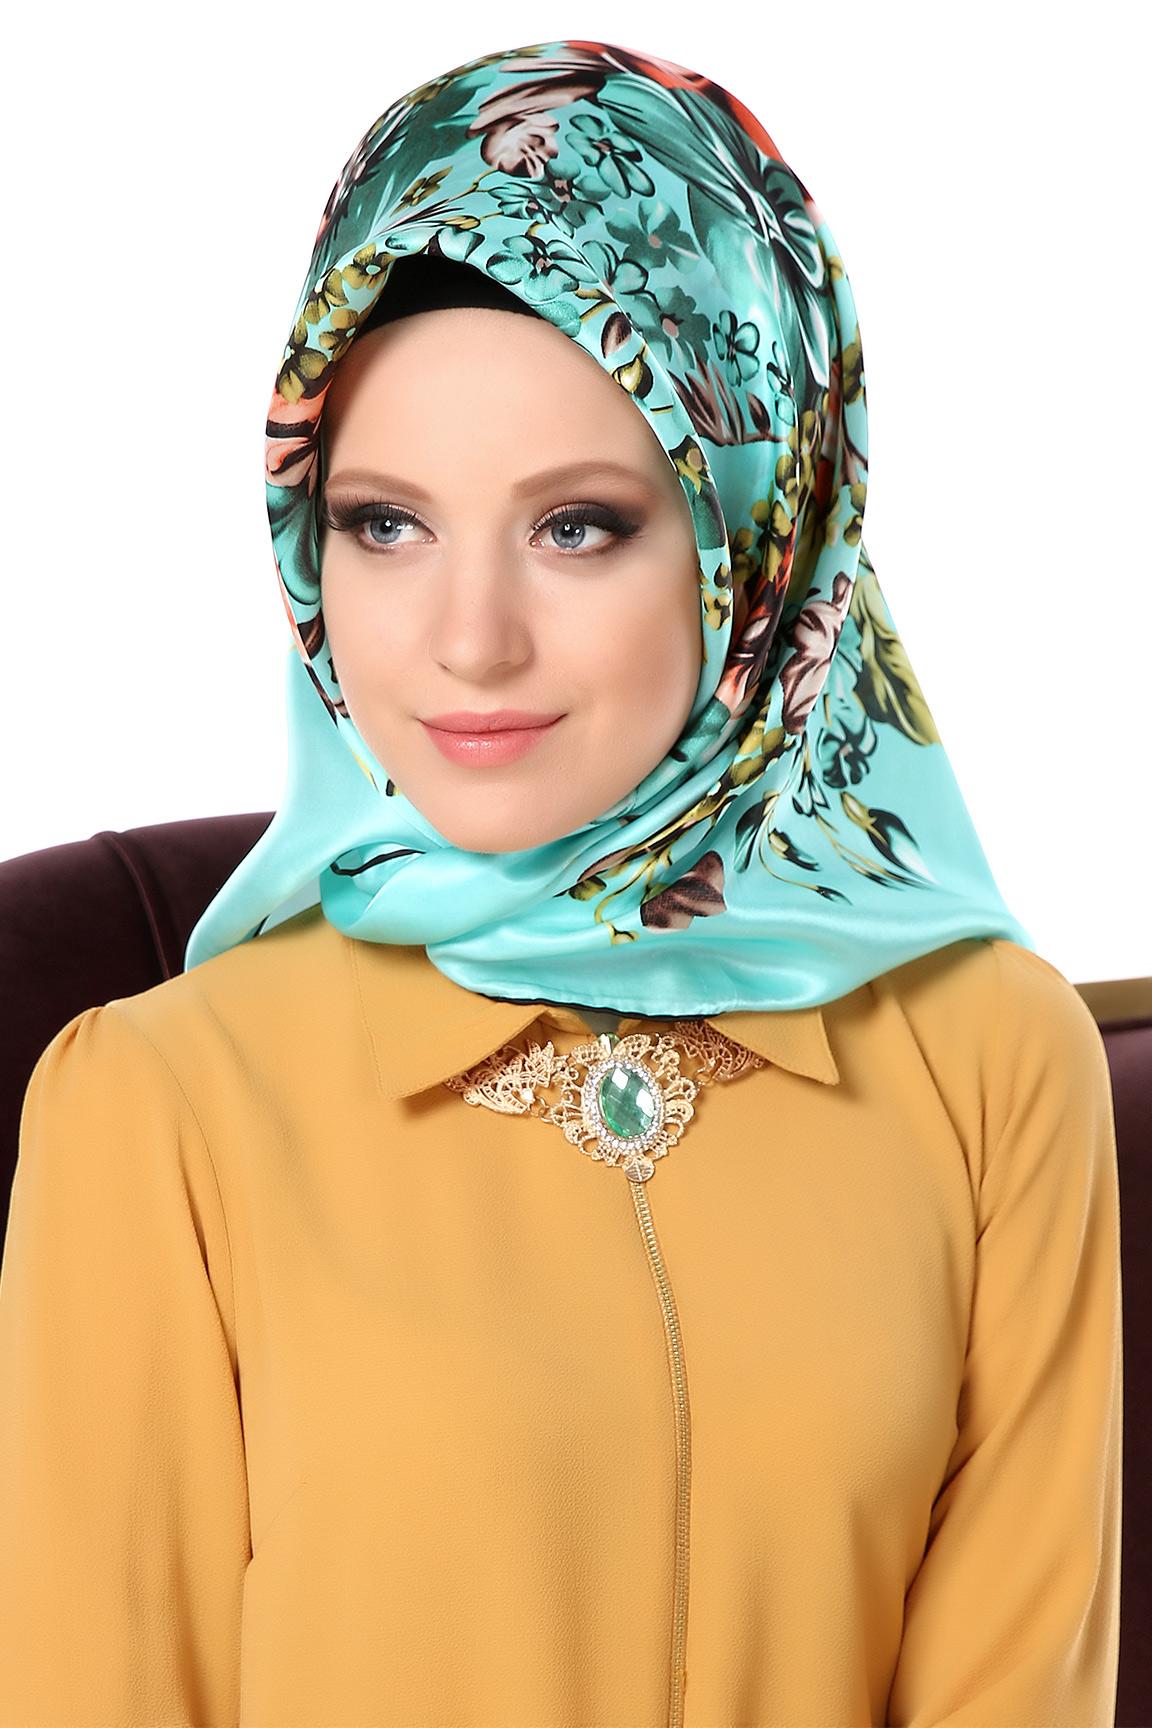 بالصور موديلات حجابات تركية , اجمل الموديلات للحجاب 6042 11